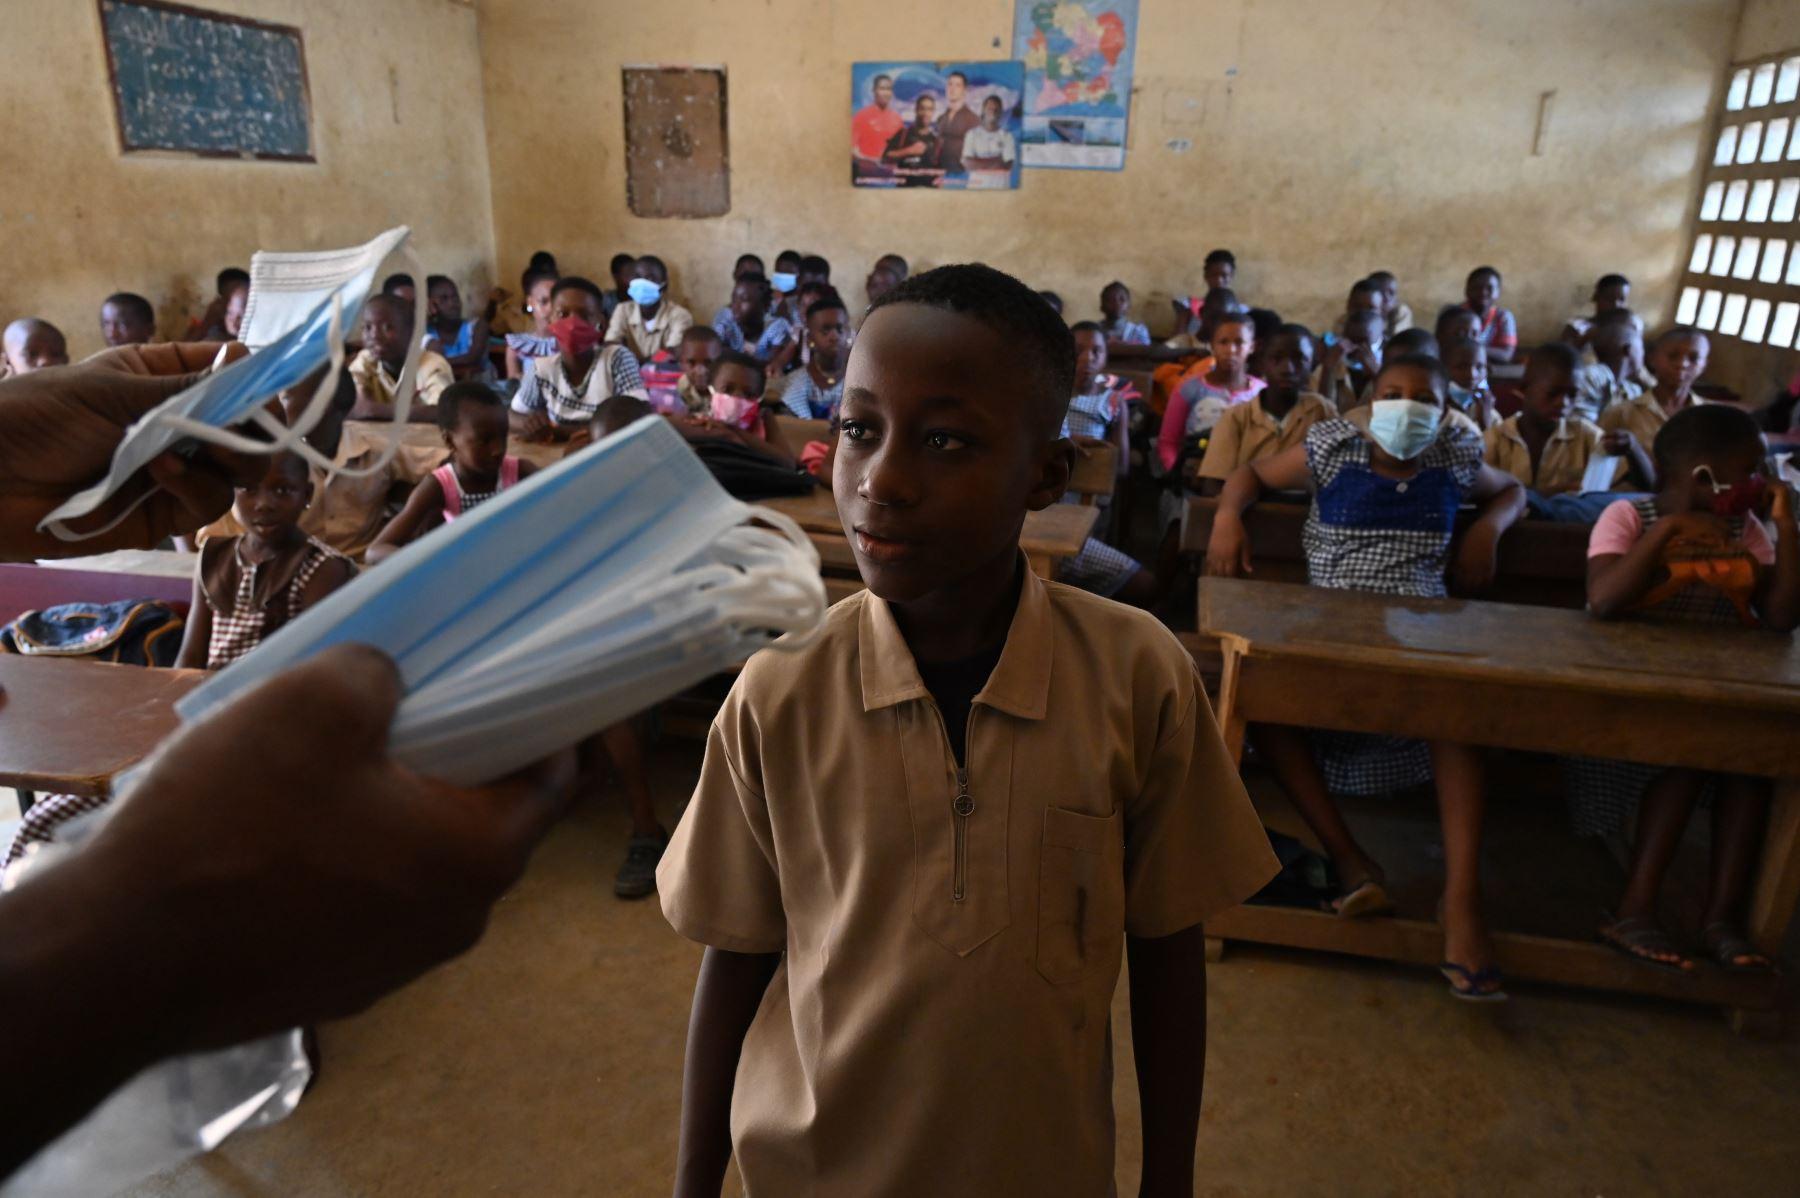 Los escolares reciben máscaras faciales en el aula del director de una escuela primaria en el popular distrito de Attecoube en Abidjan. Foto: AFP